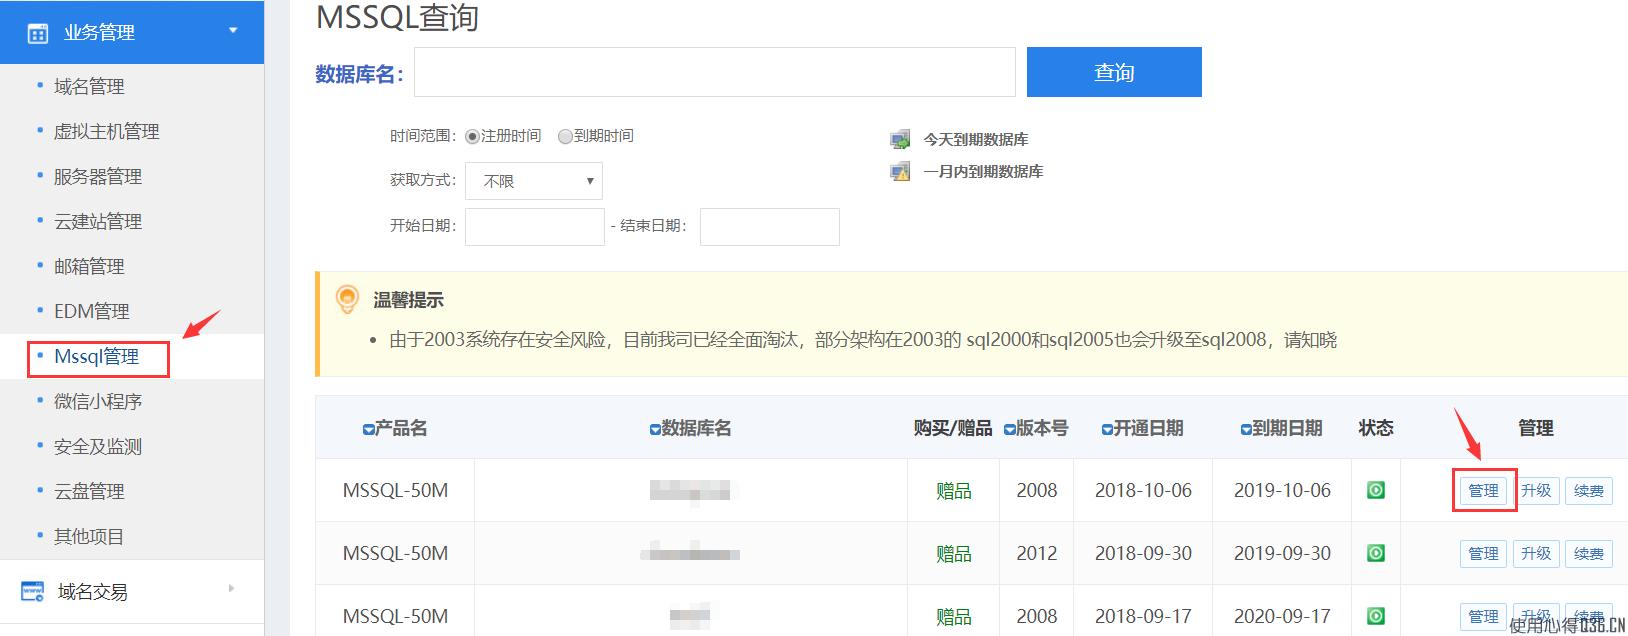 虚拟主机导入恢复mssql数据库(适用虚拟主机赠送、单独购买数据库)